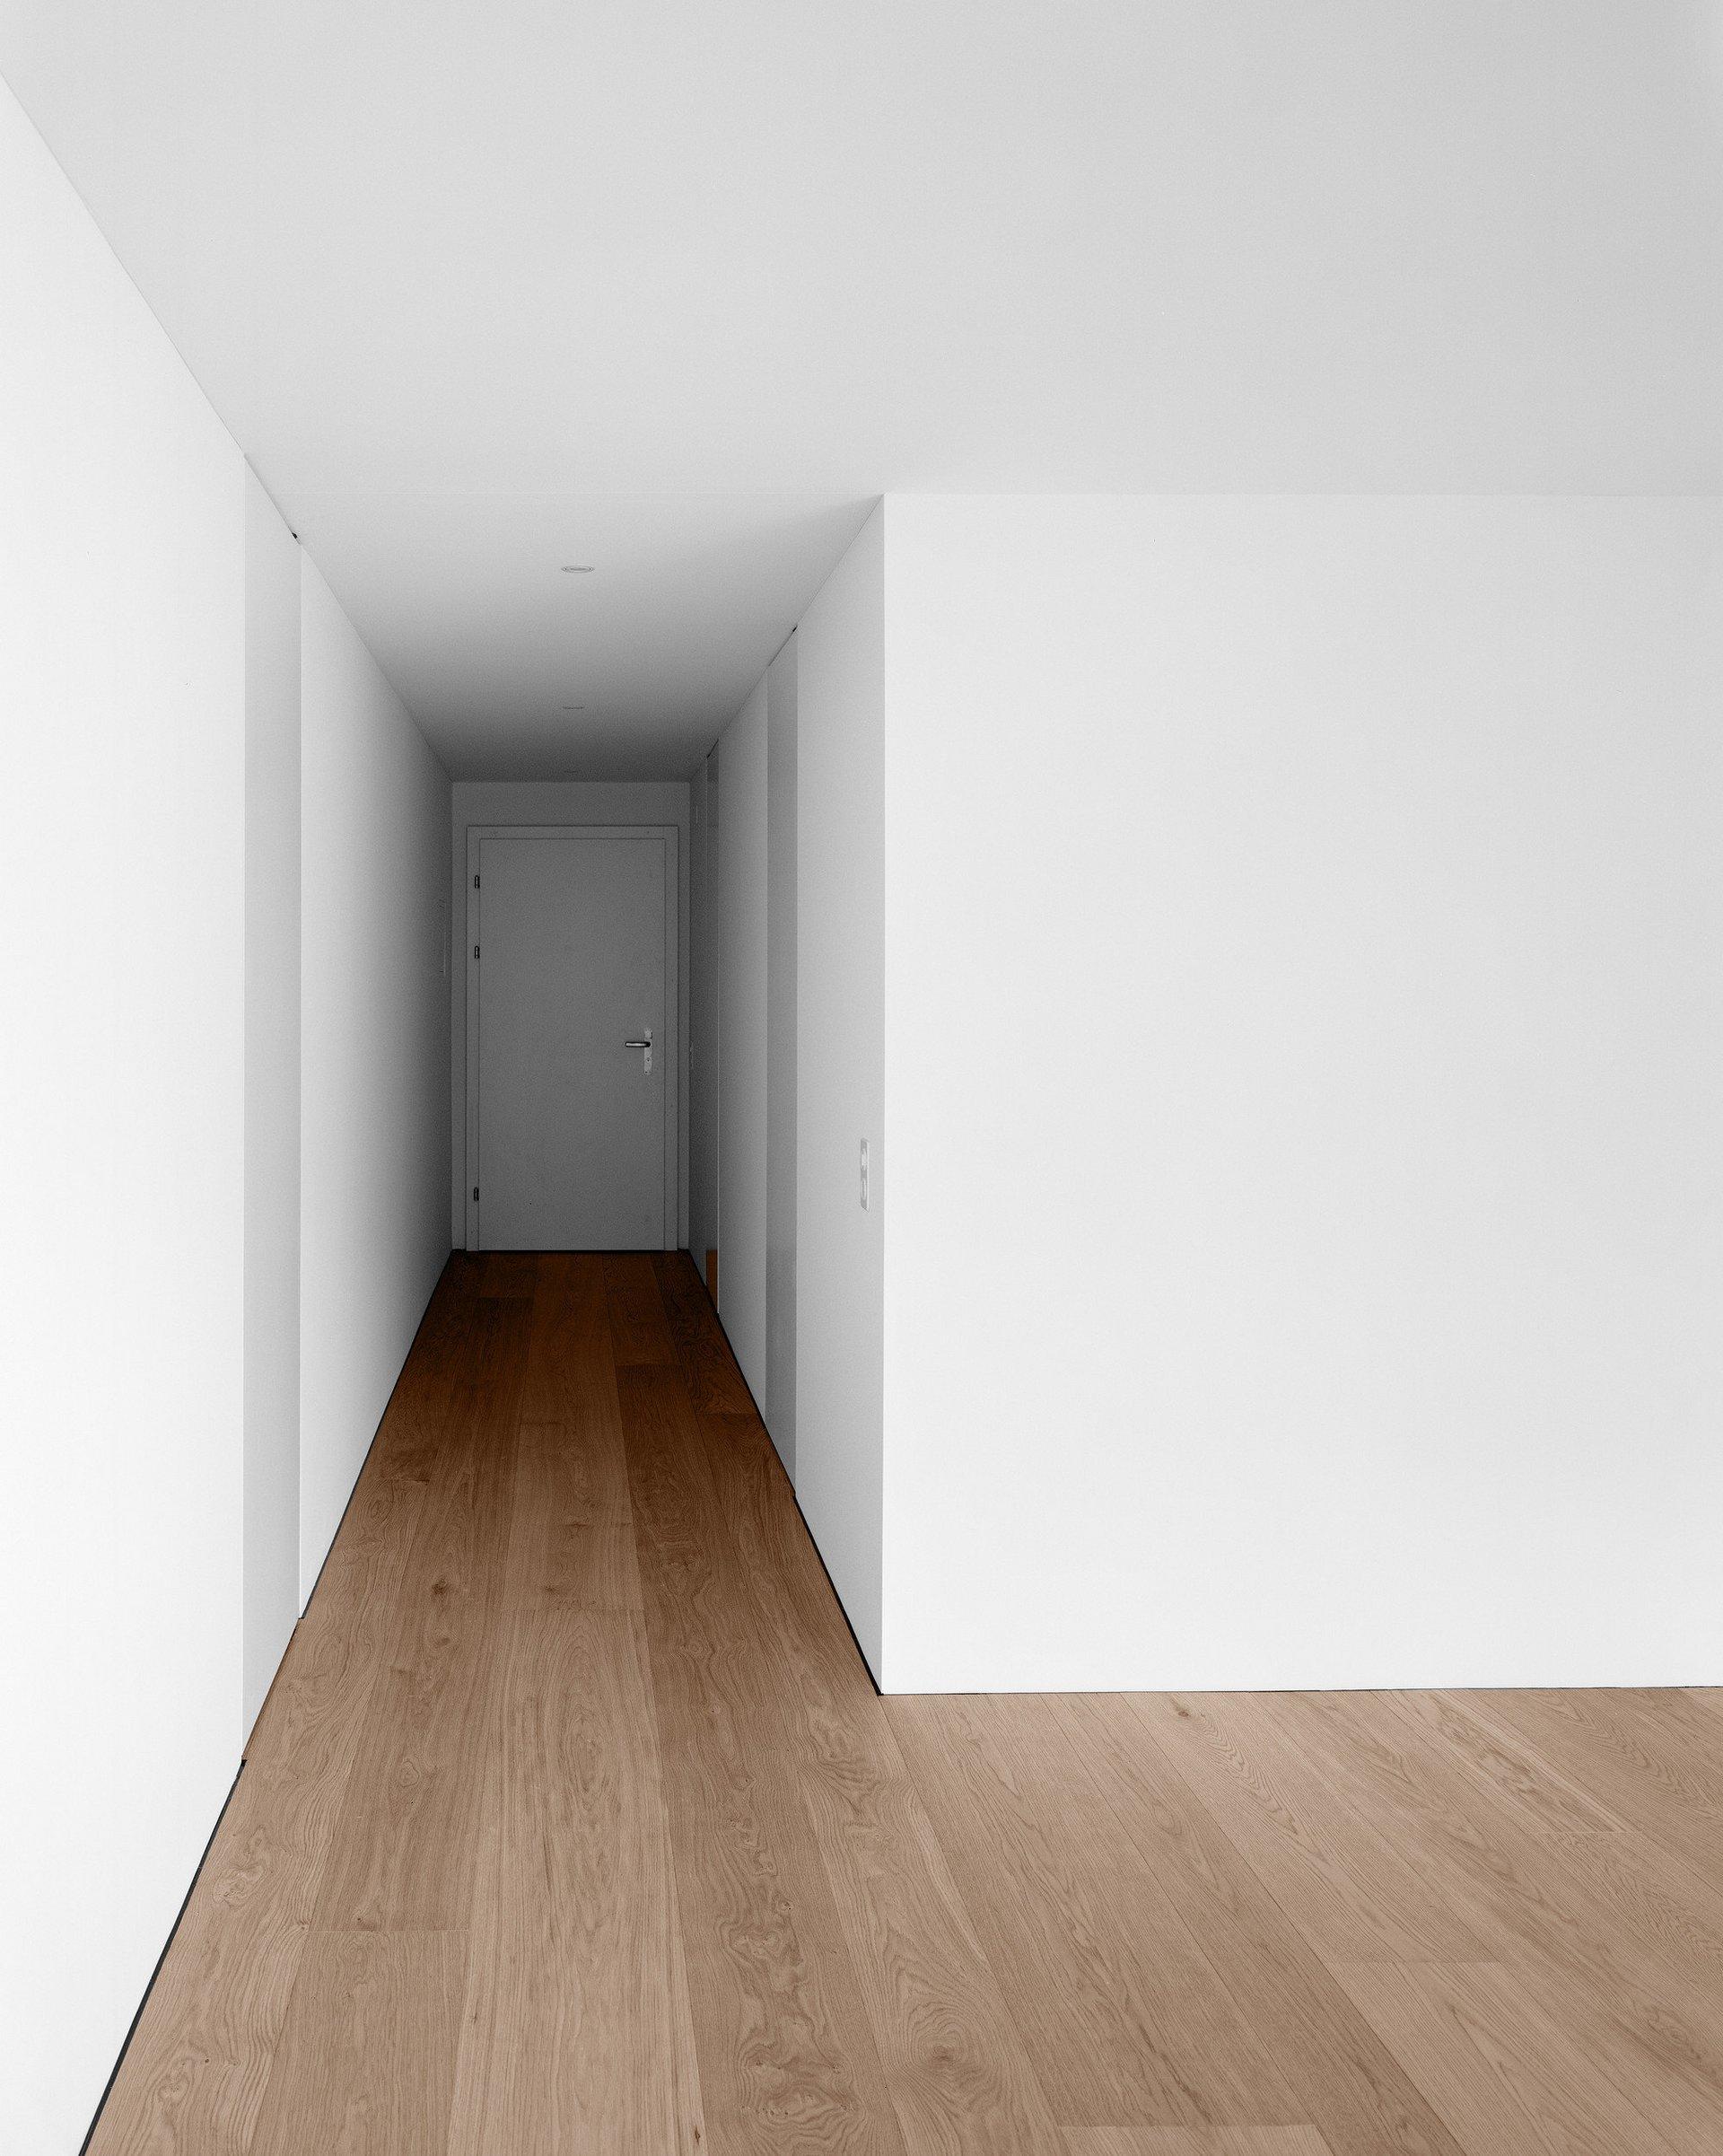 sanierter Flur mit weissen Wänden und Türen und dunklem Holzboden